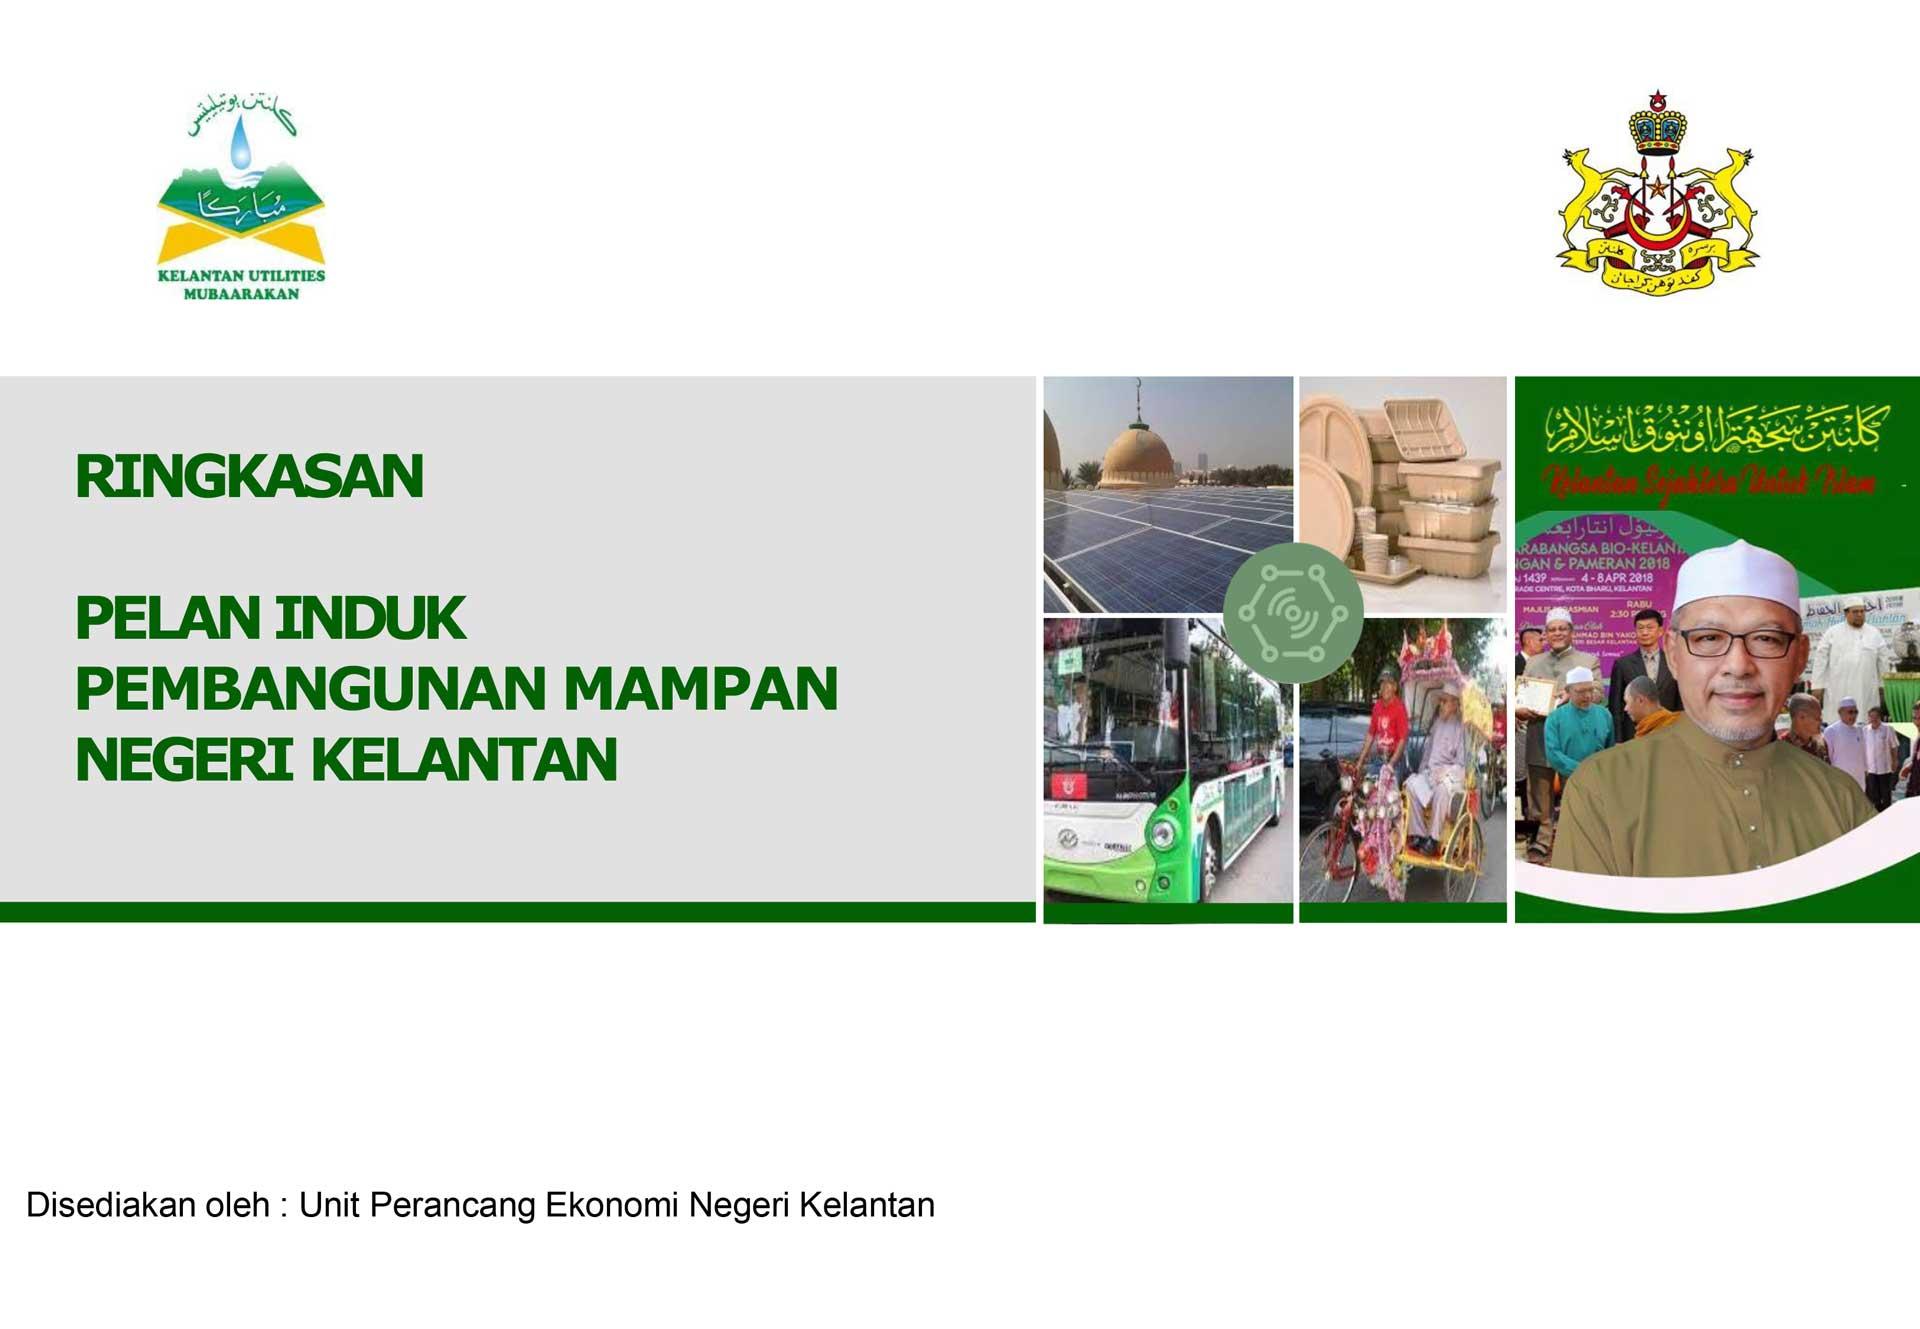 Pelan Induk Pembangunan Mampan Negeri Kelantan 2019-2023